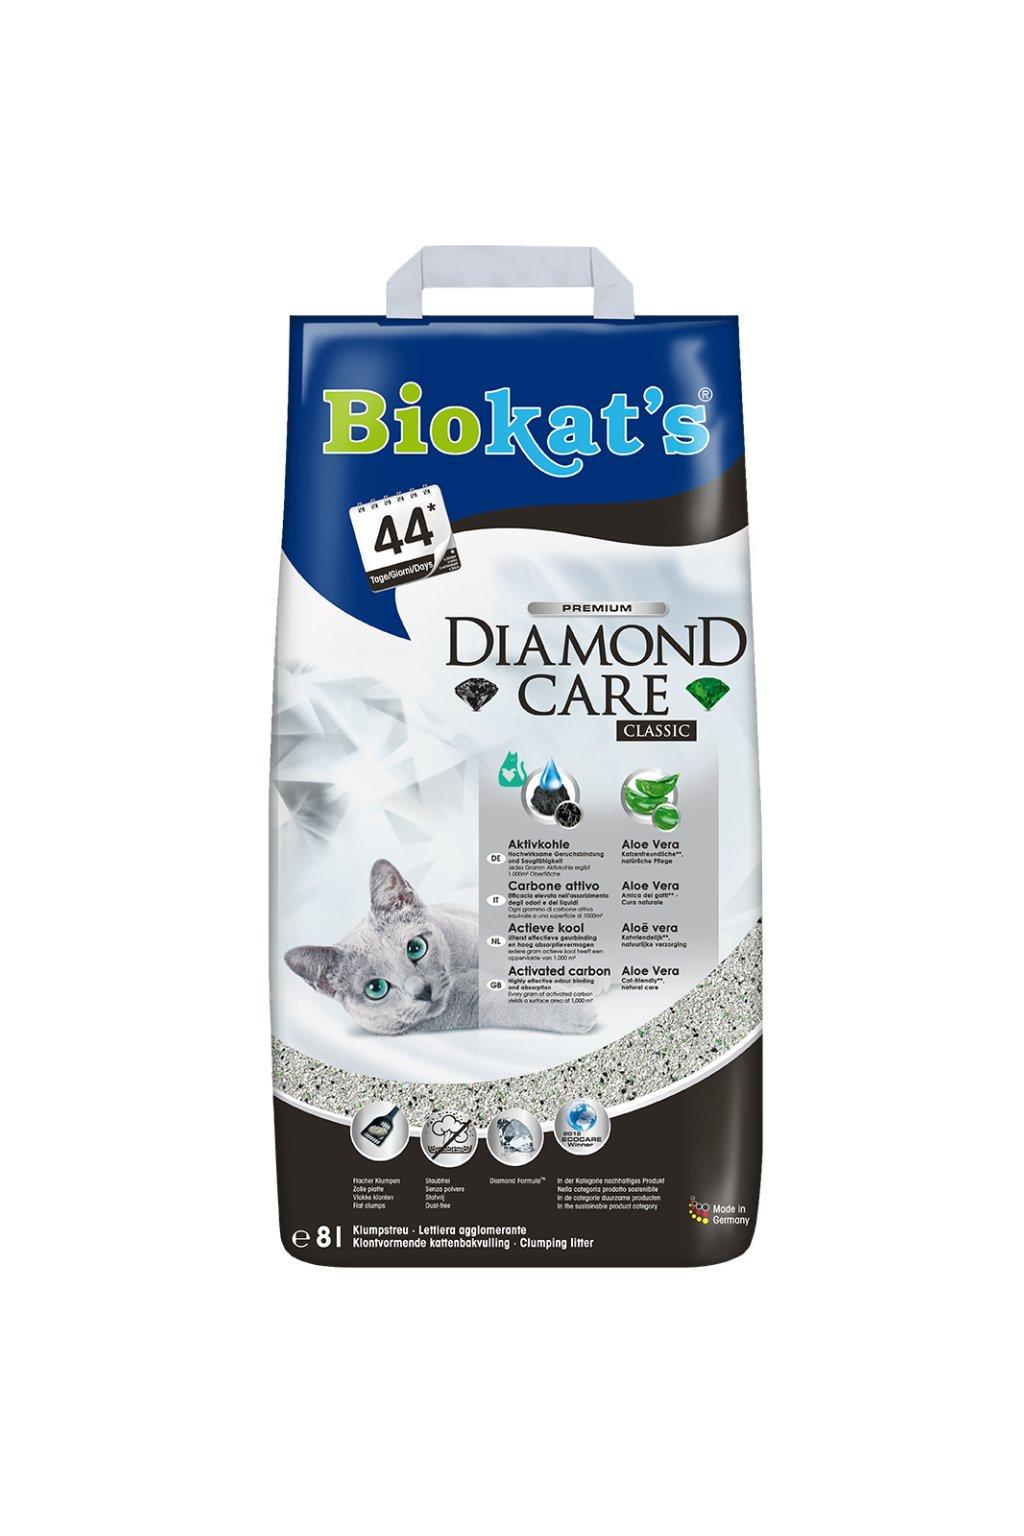 Podestýlka BIOKATS Diamond Classic 8l, jemné zrno